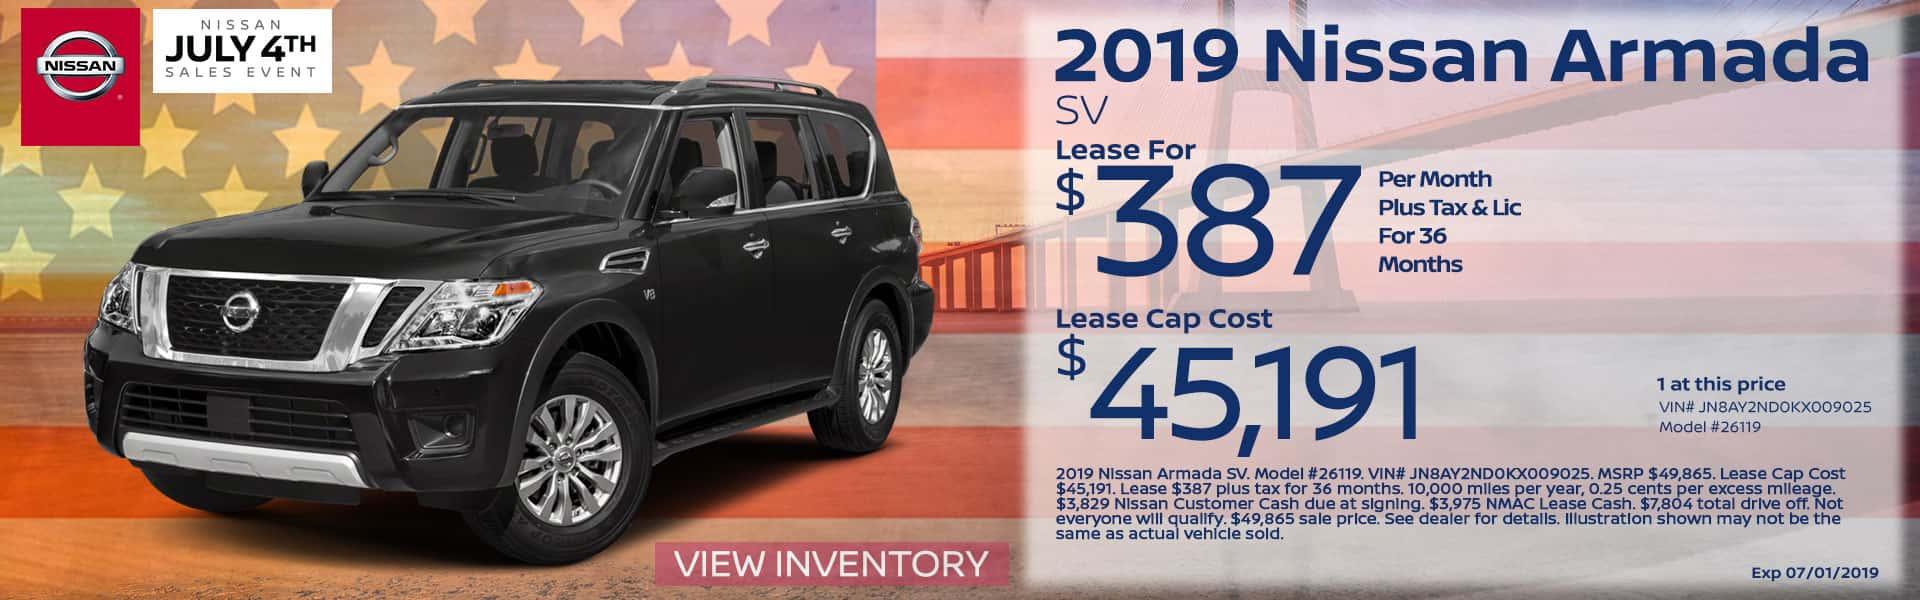 2019 Nissan Armada Special